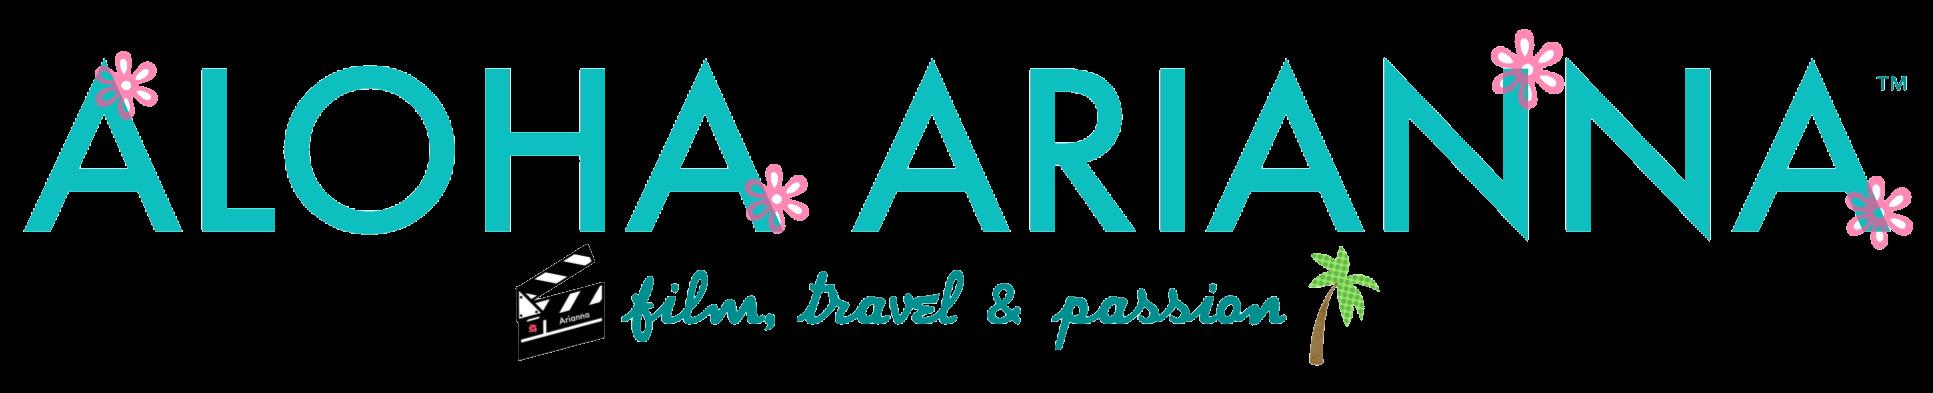 Aloha Arianna